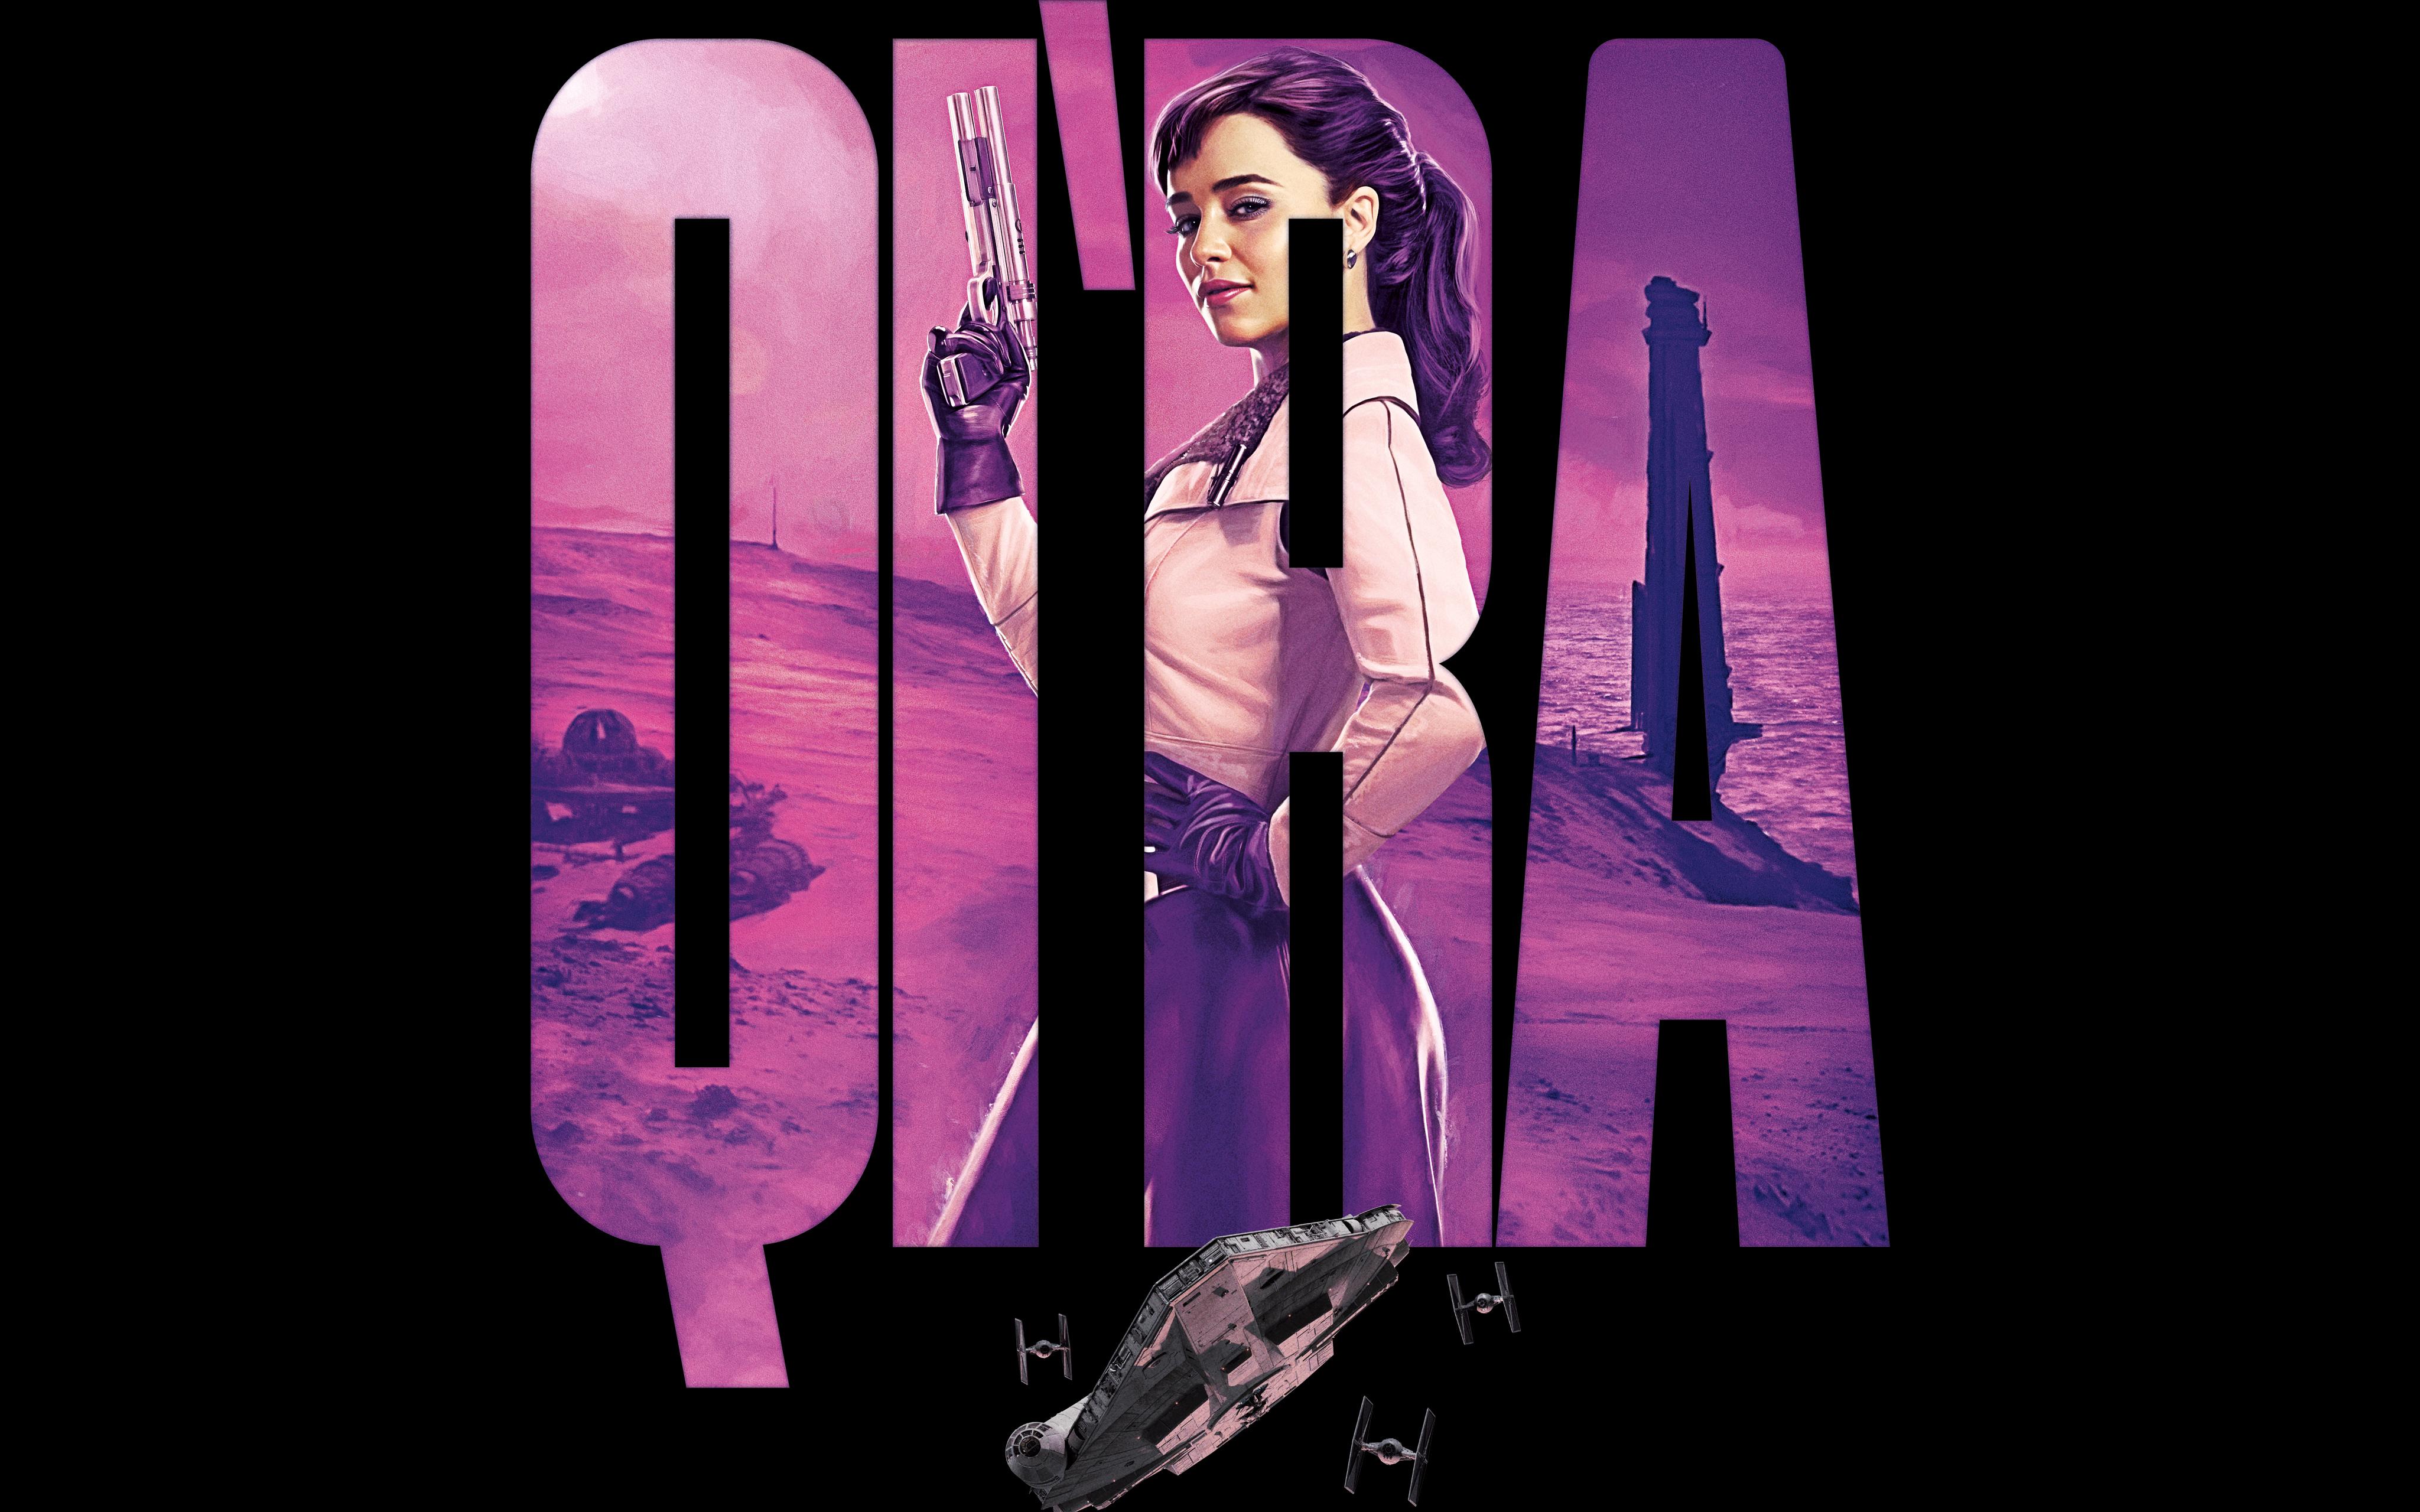 Эмилия Кларк как Кира соло Звездные войны история обои скачать